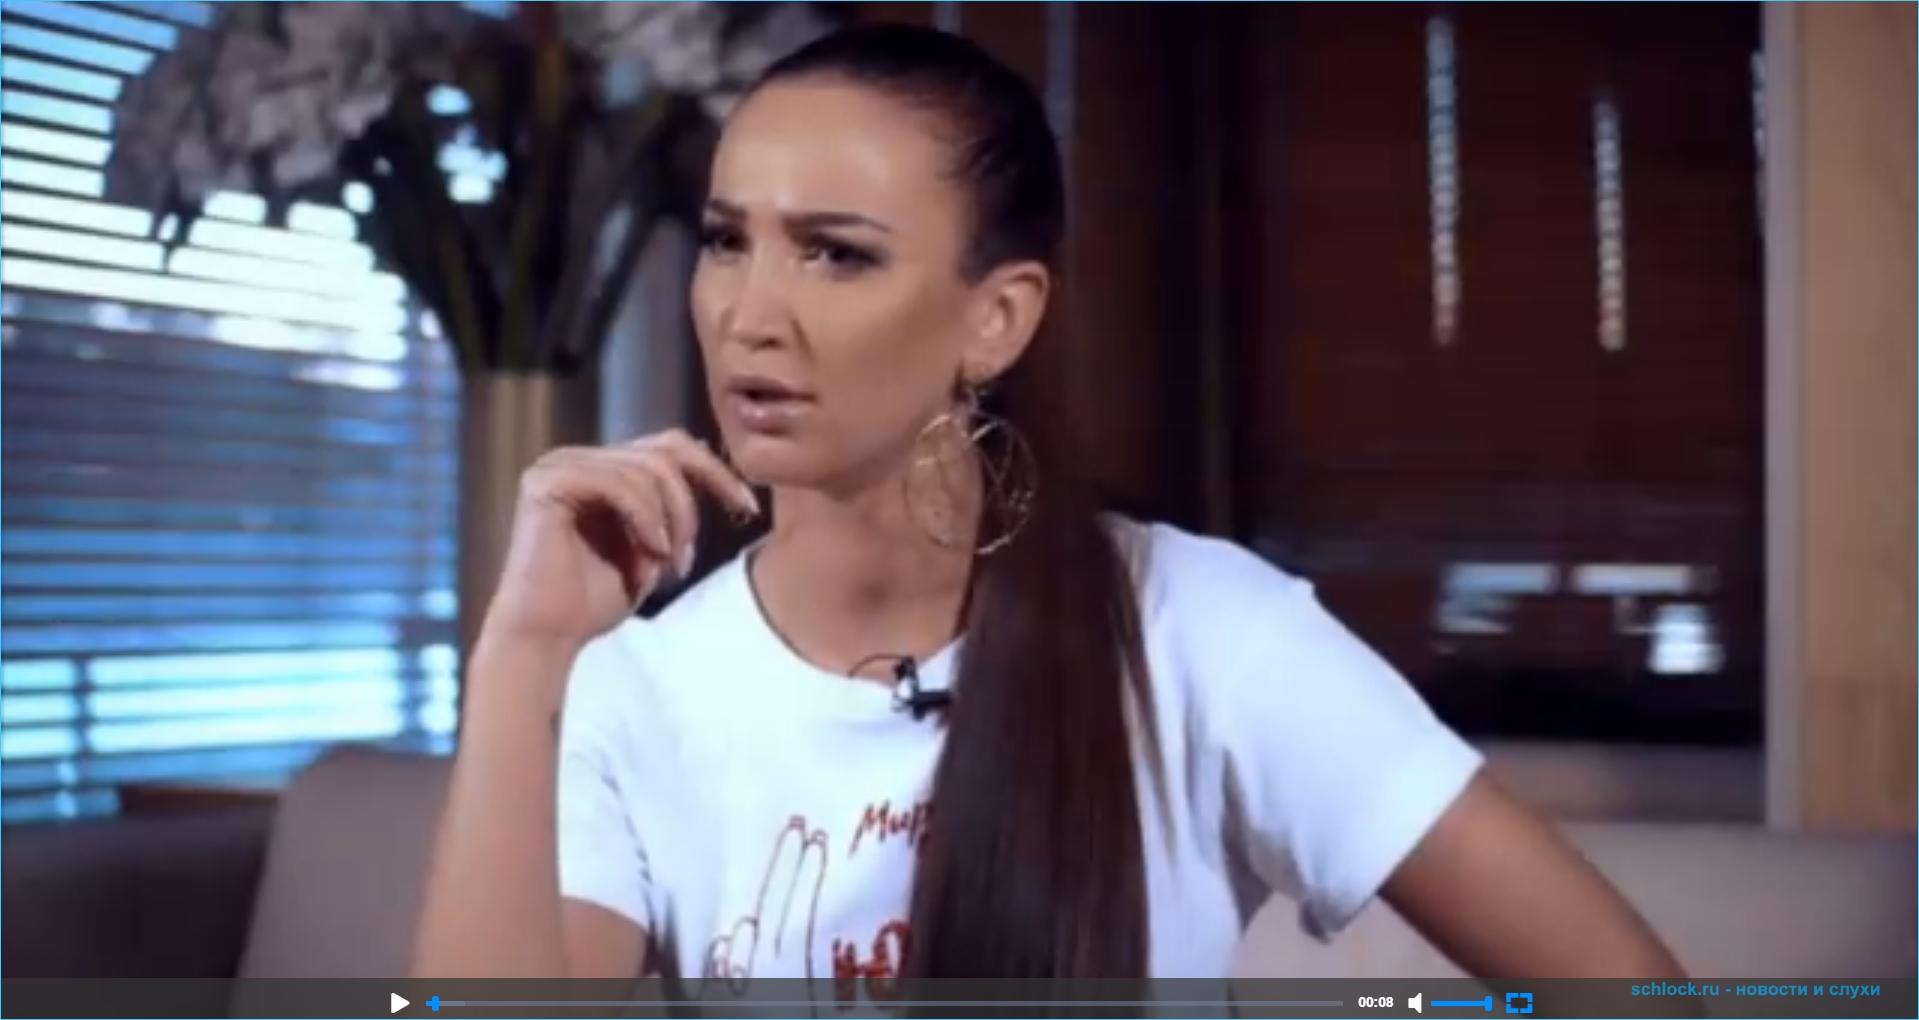 Эксклюзивное интервью Ольги Бузовой для ВОКРУГ ТВ